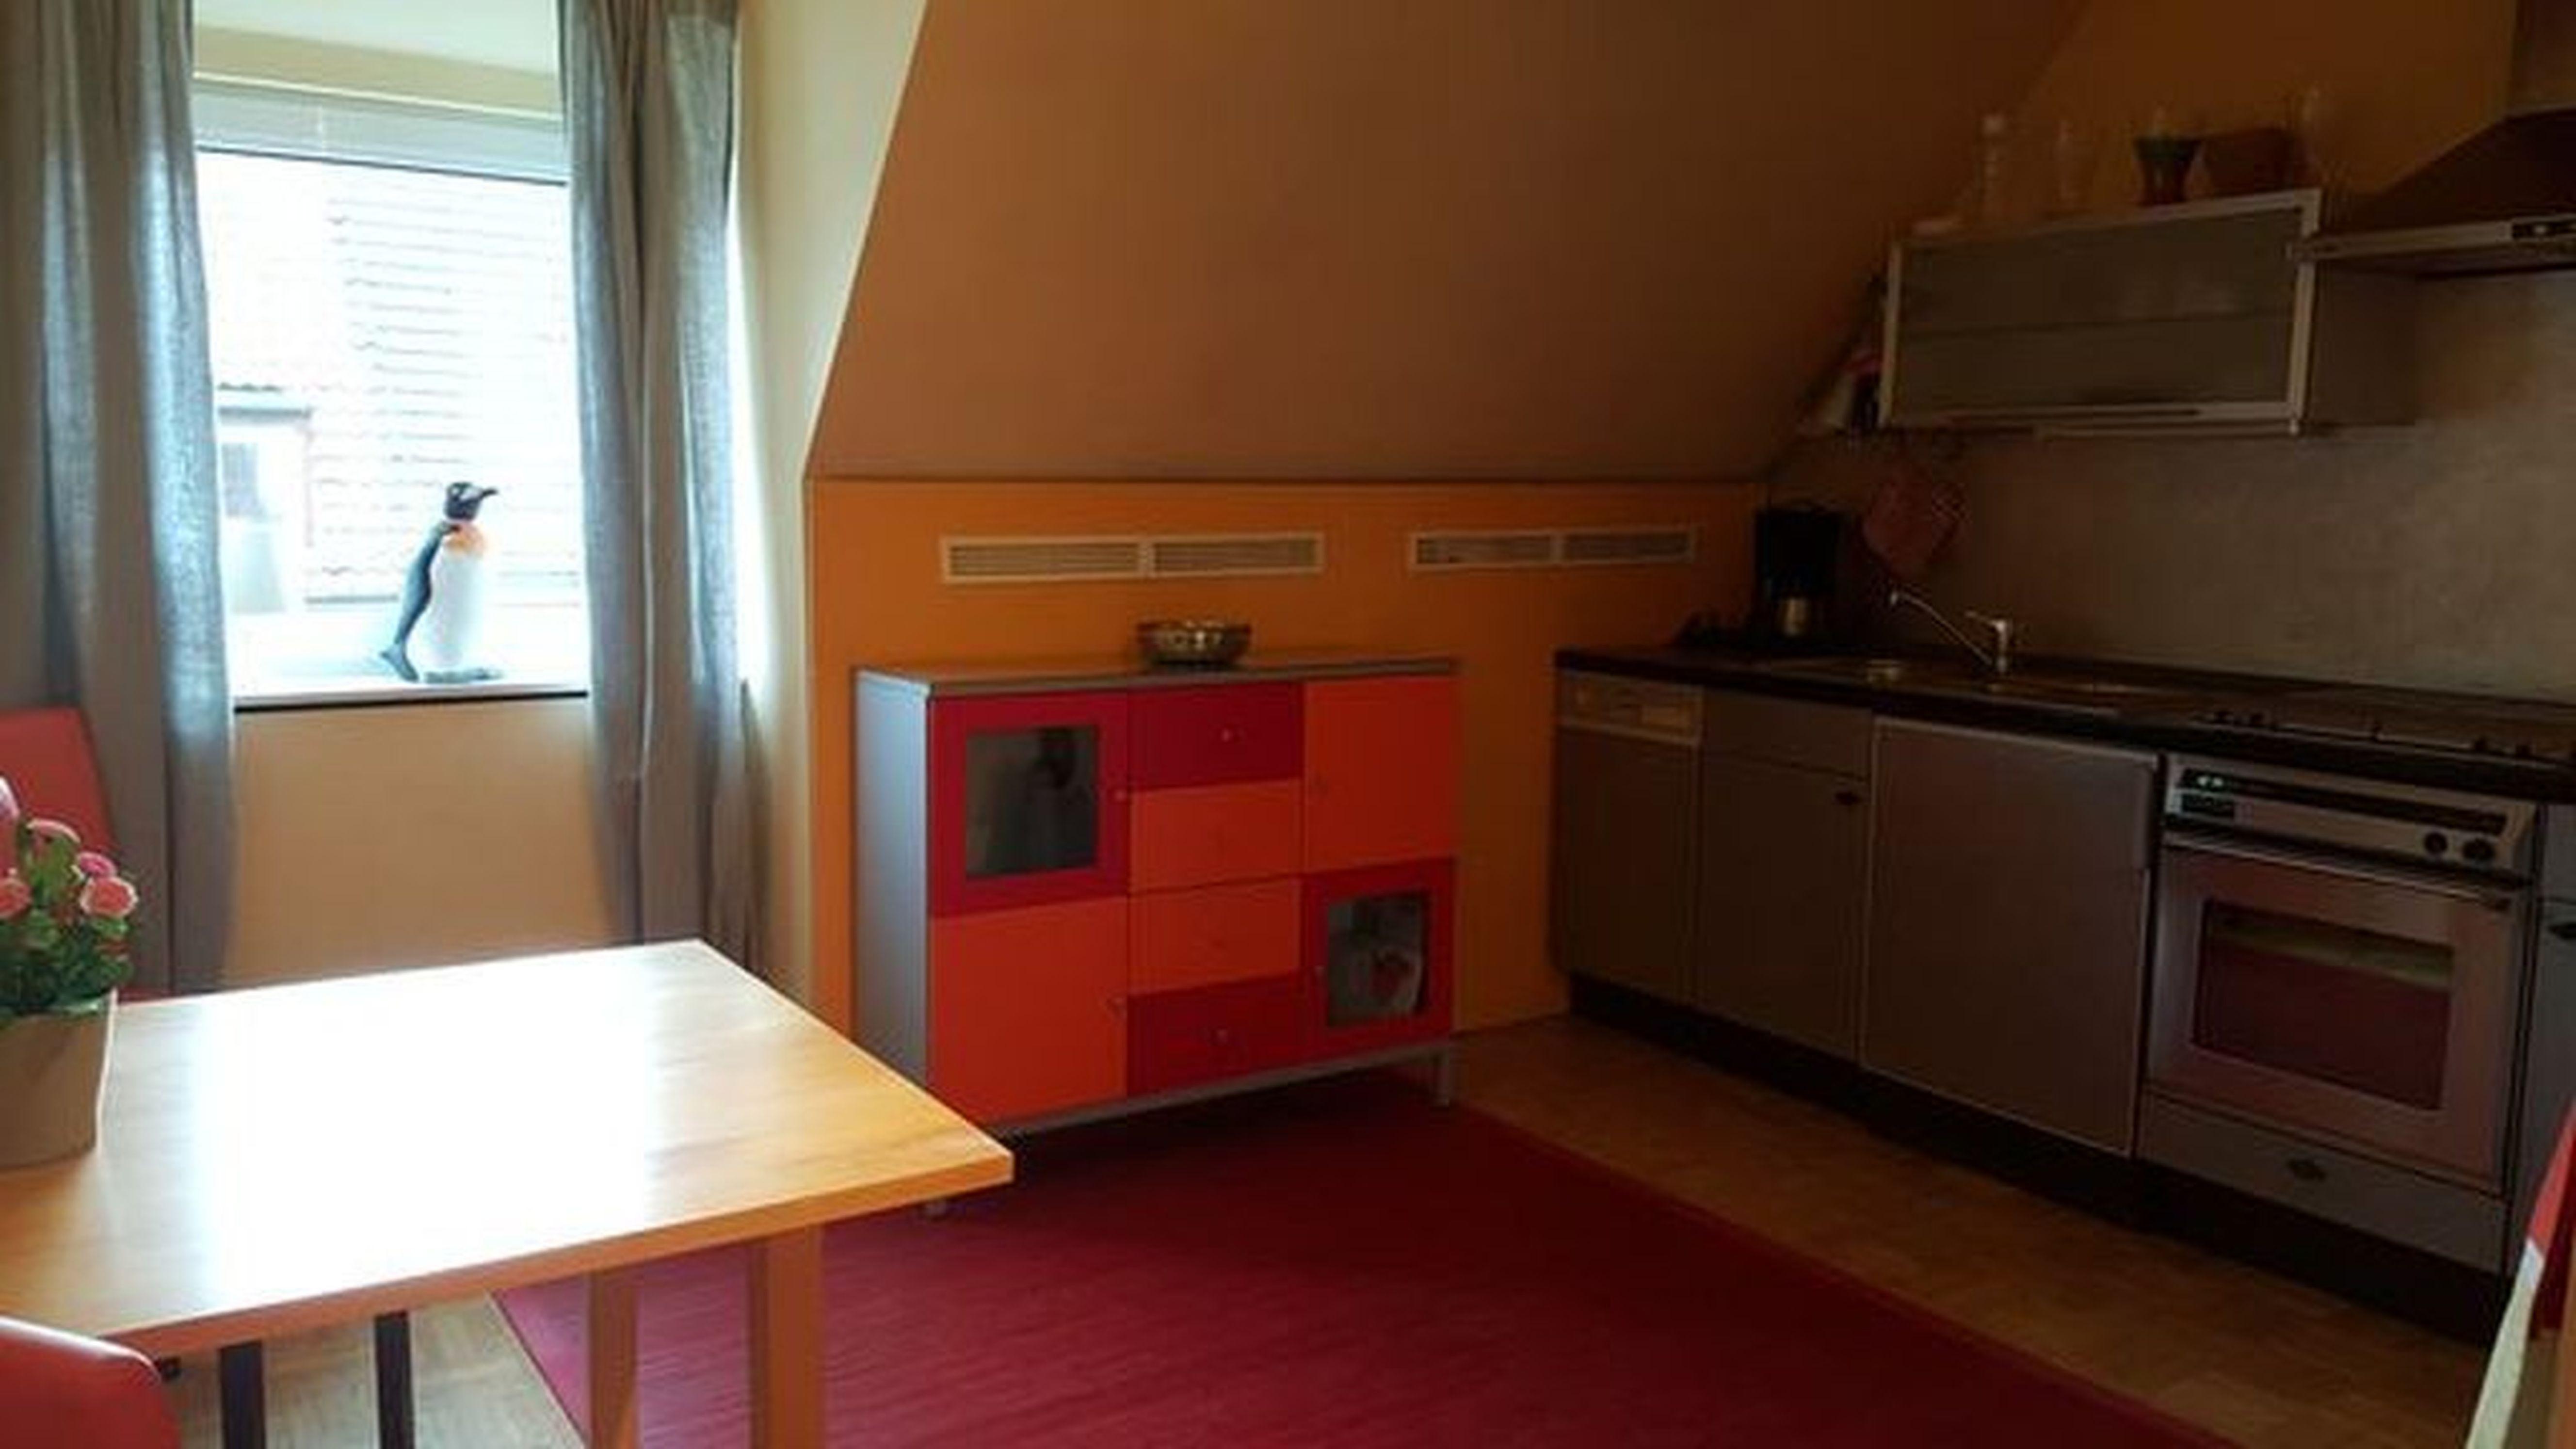 Ferienwohnung Zuhause in der Ferne - in der Nähe von Bremen (2379337), Bremen, , Bremen, Deutschland, Bild 6